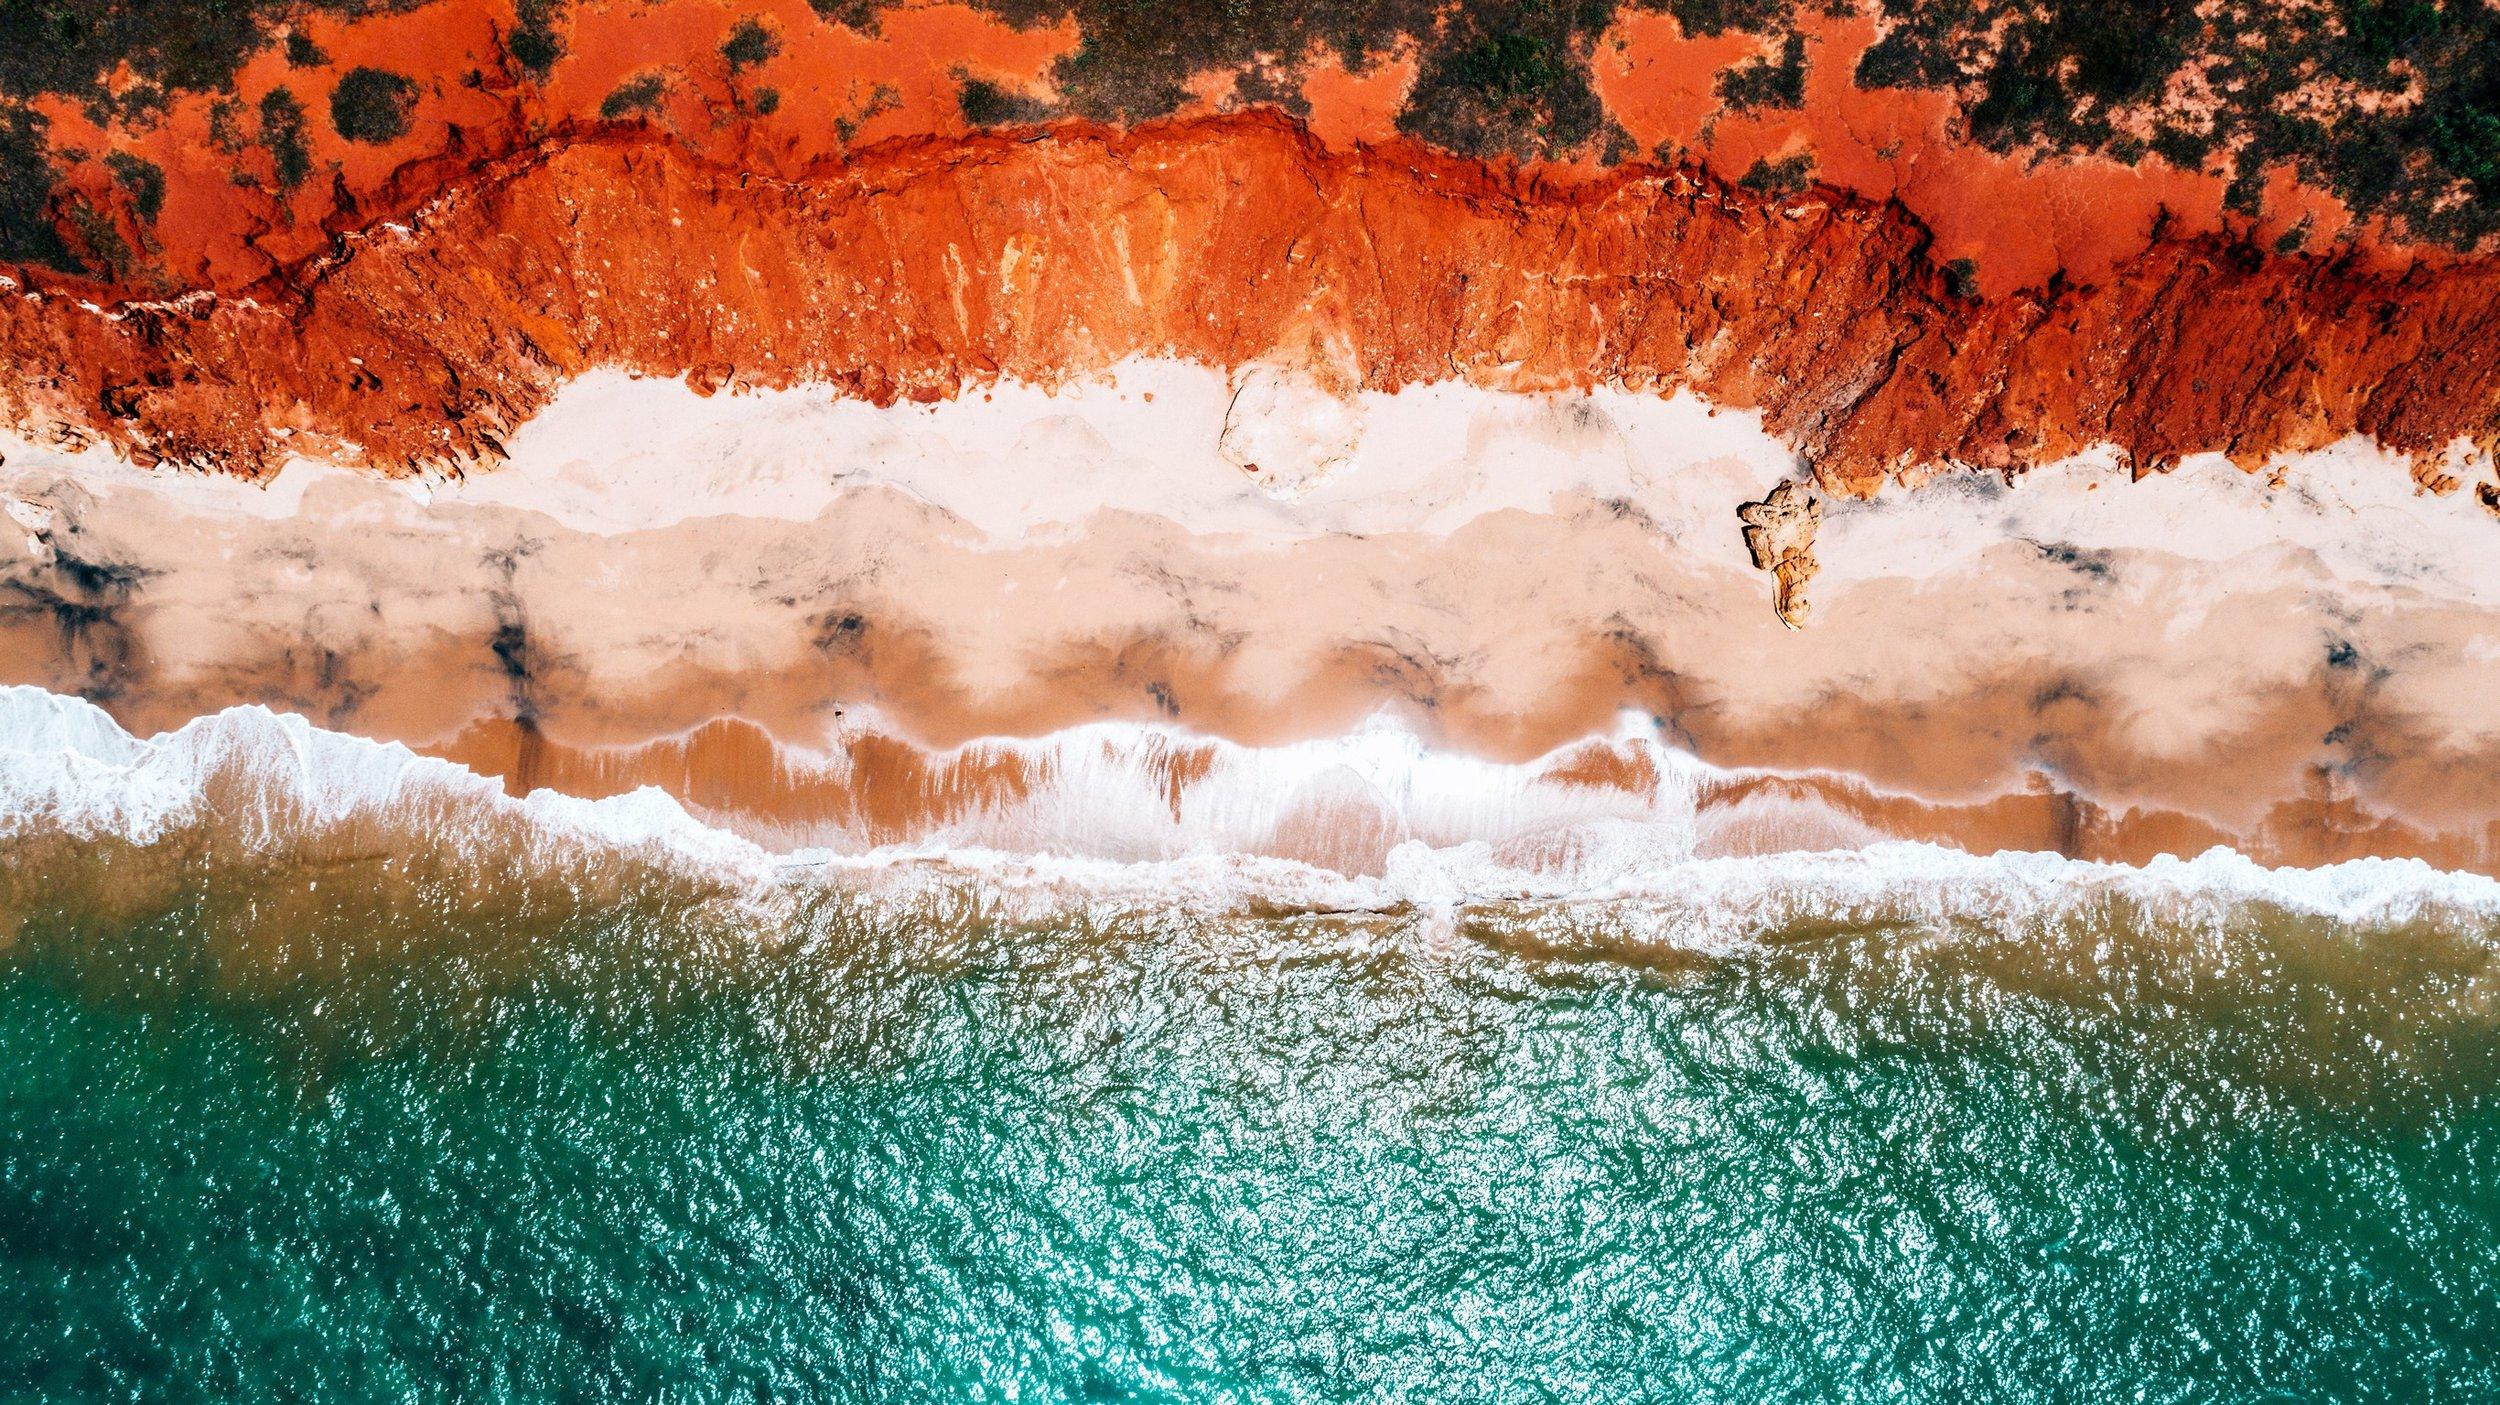 BROOME - WESTERN AUSTRALIA - ELLIOT HUNT